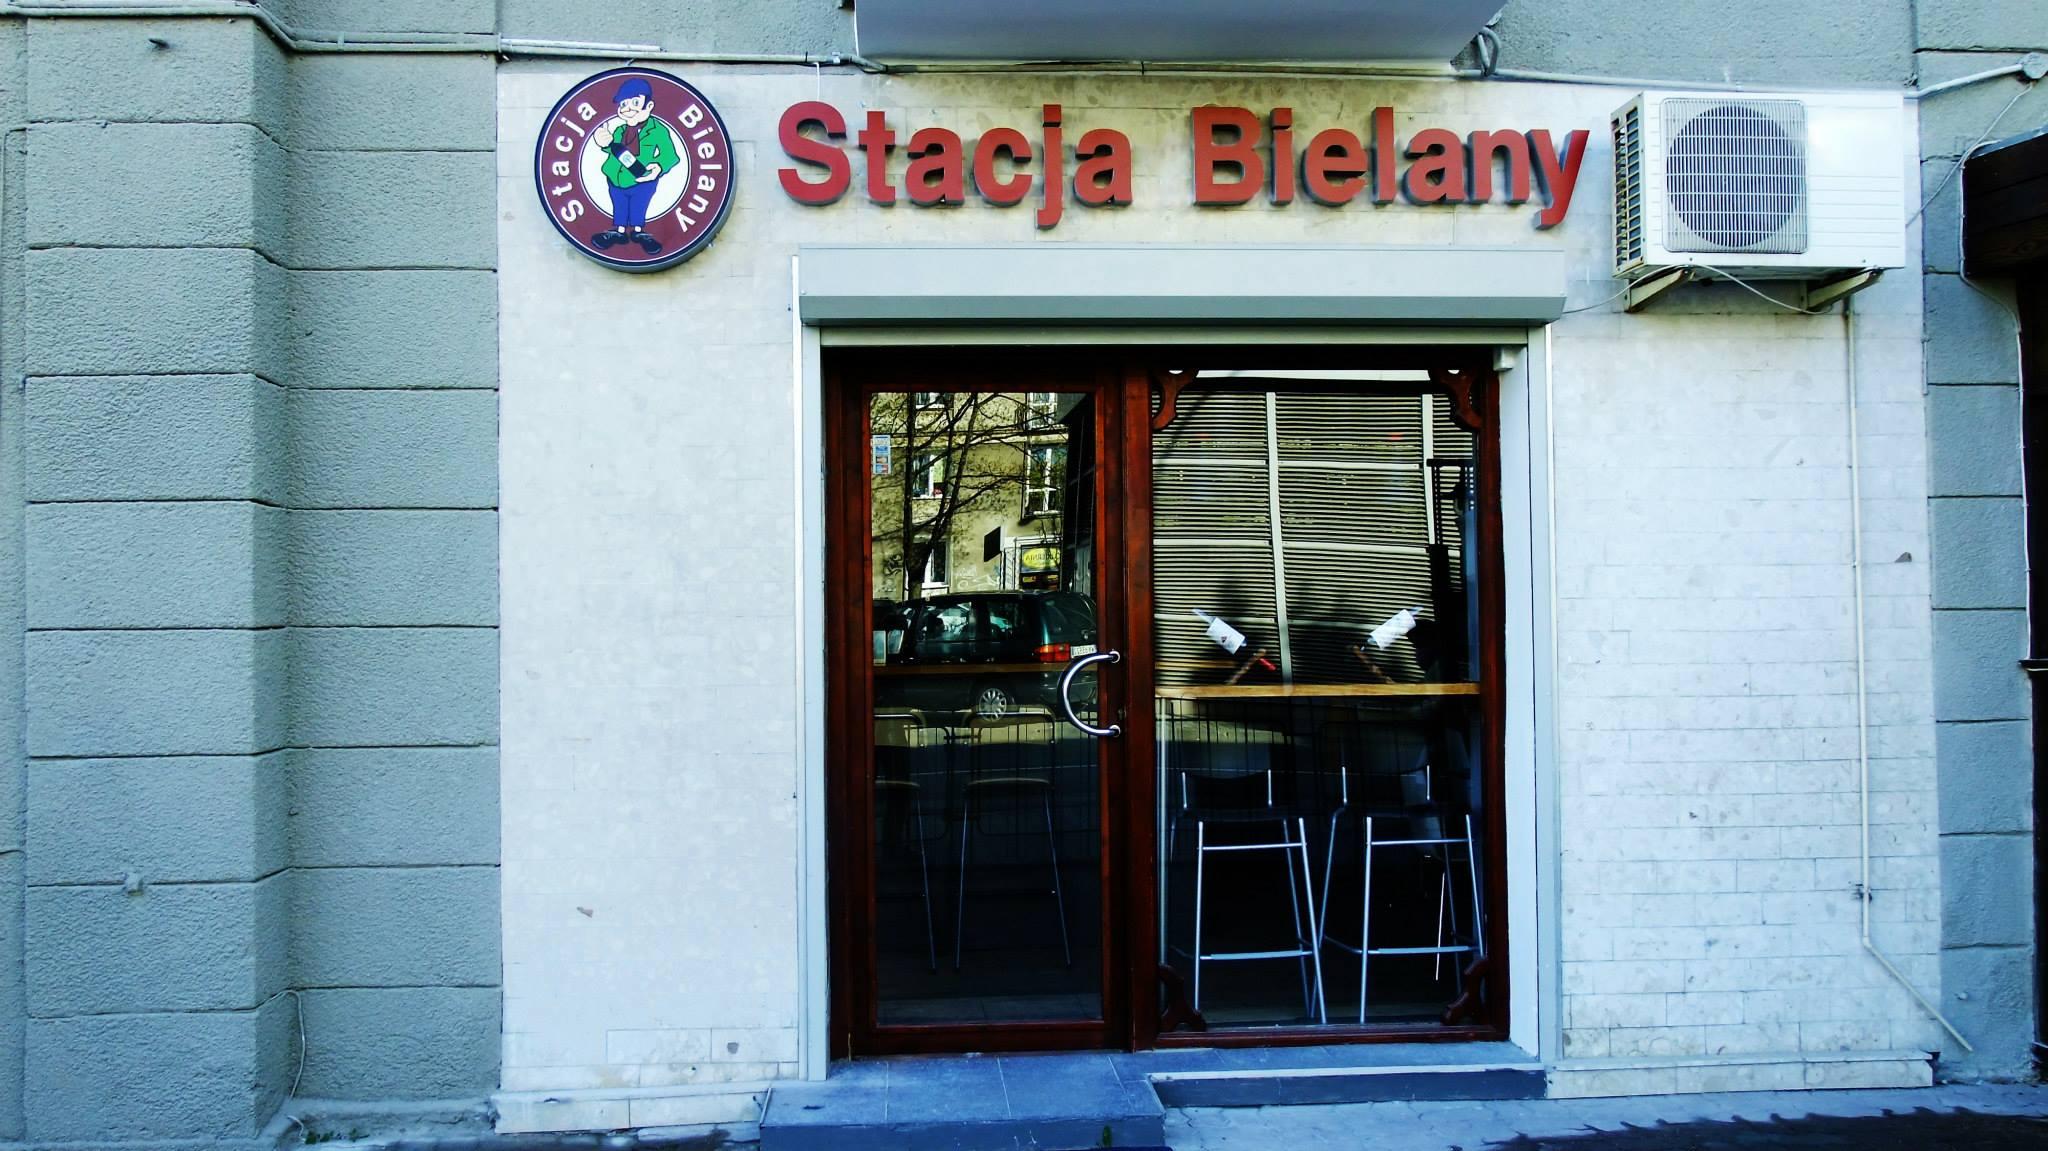 Stacja Bielany